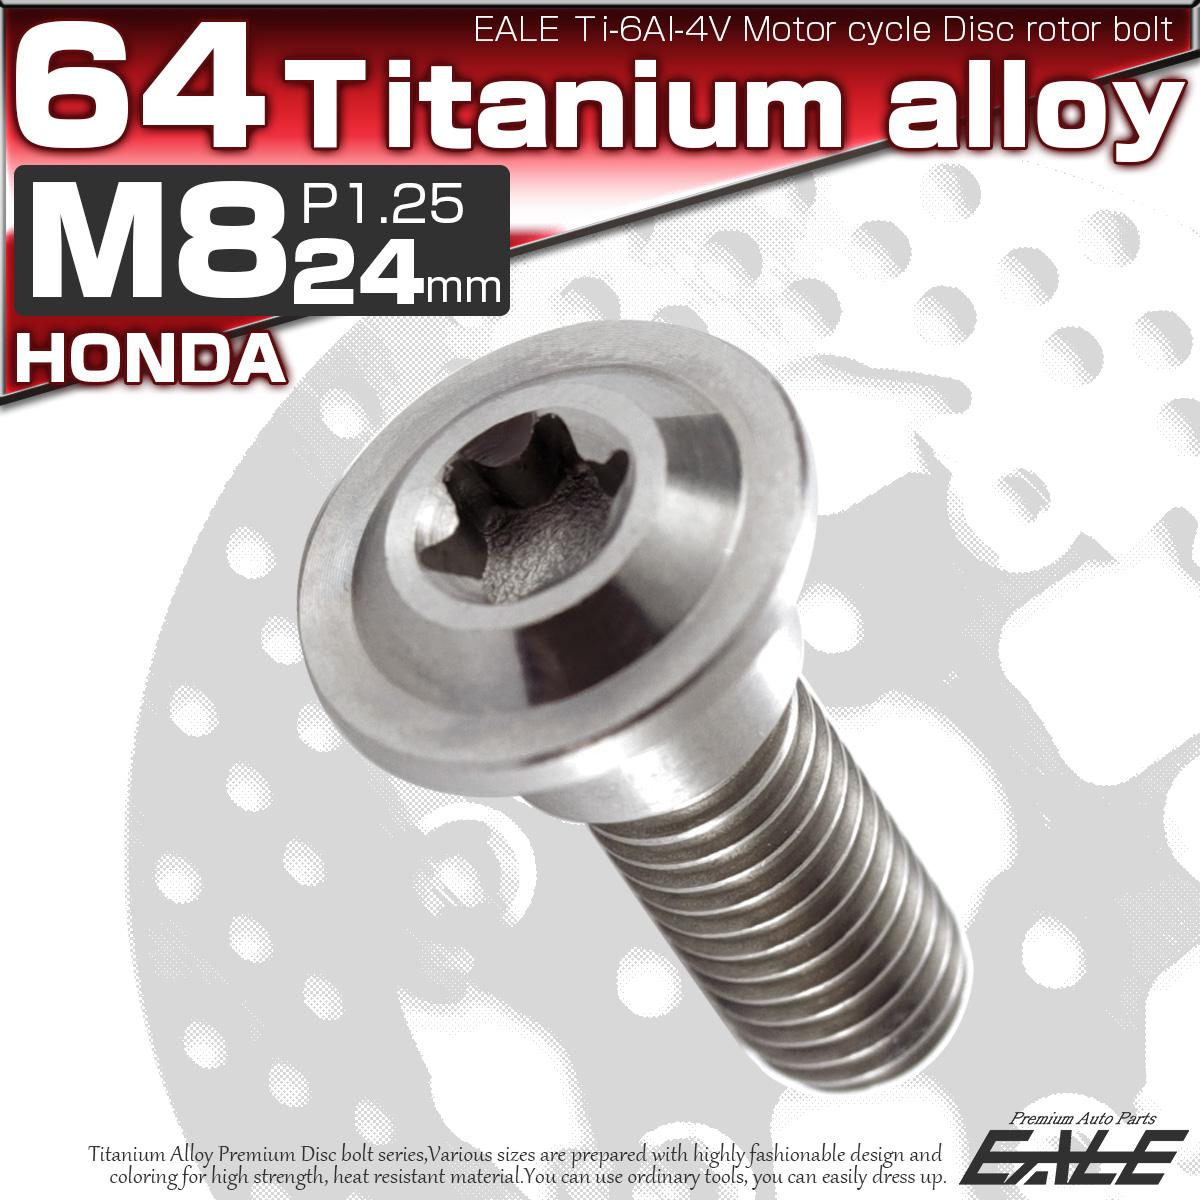 64チタン M8×24mm P=1.25 ブレーキディスク ローター ボルト ホンダ車用 シルバー 原色 JA067